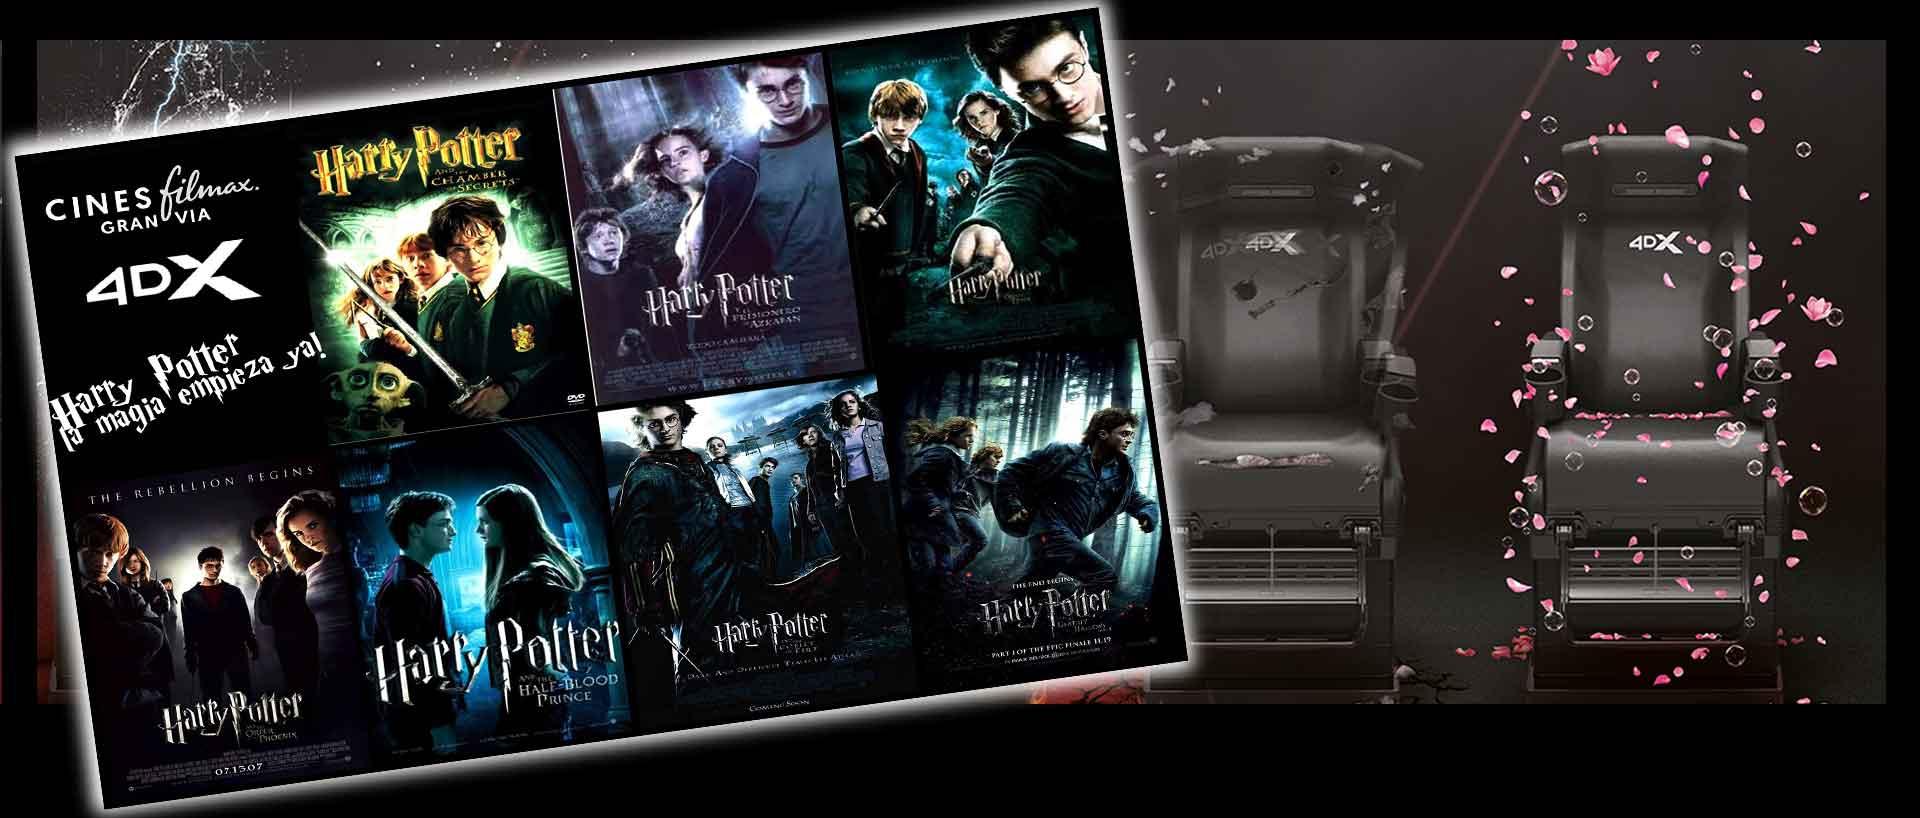 Filmax-Promo-HP.jpg